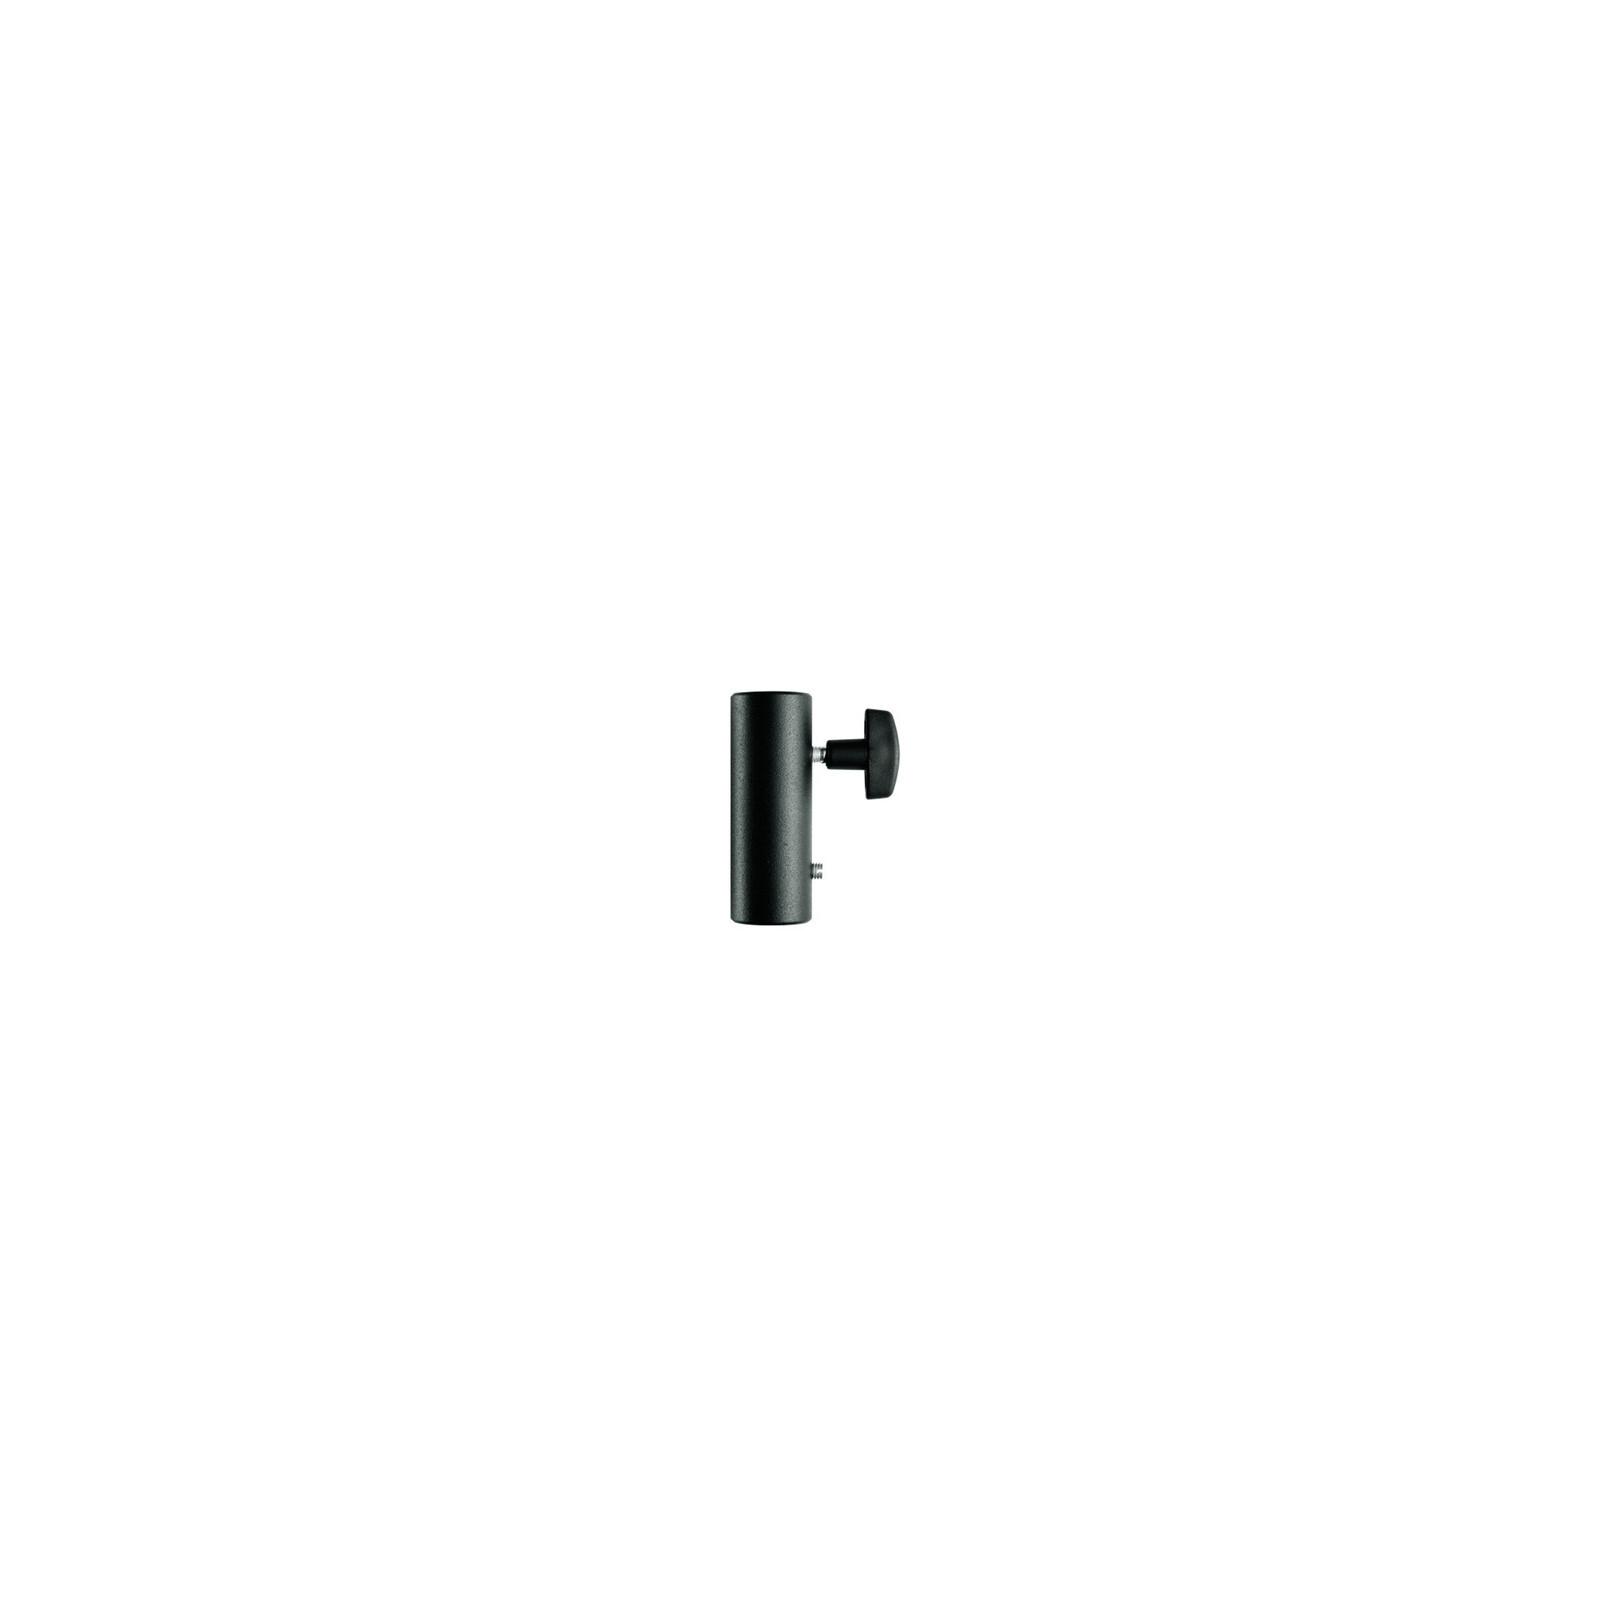 Manfrotto 152 Adapterhülse 16mm, 17,5mm